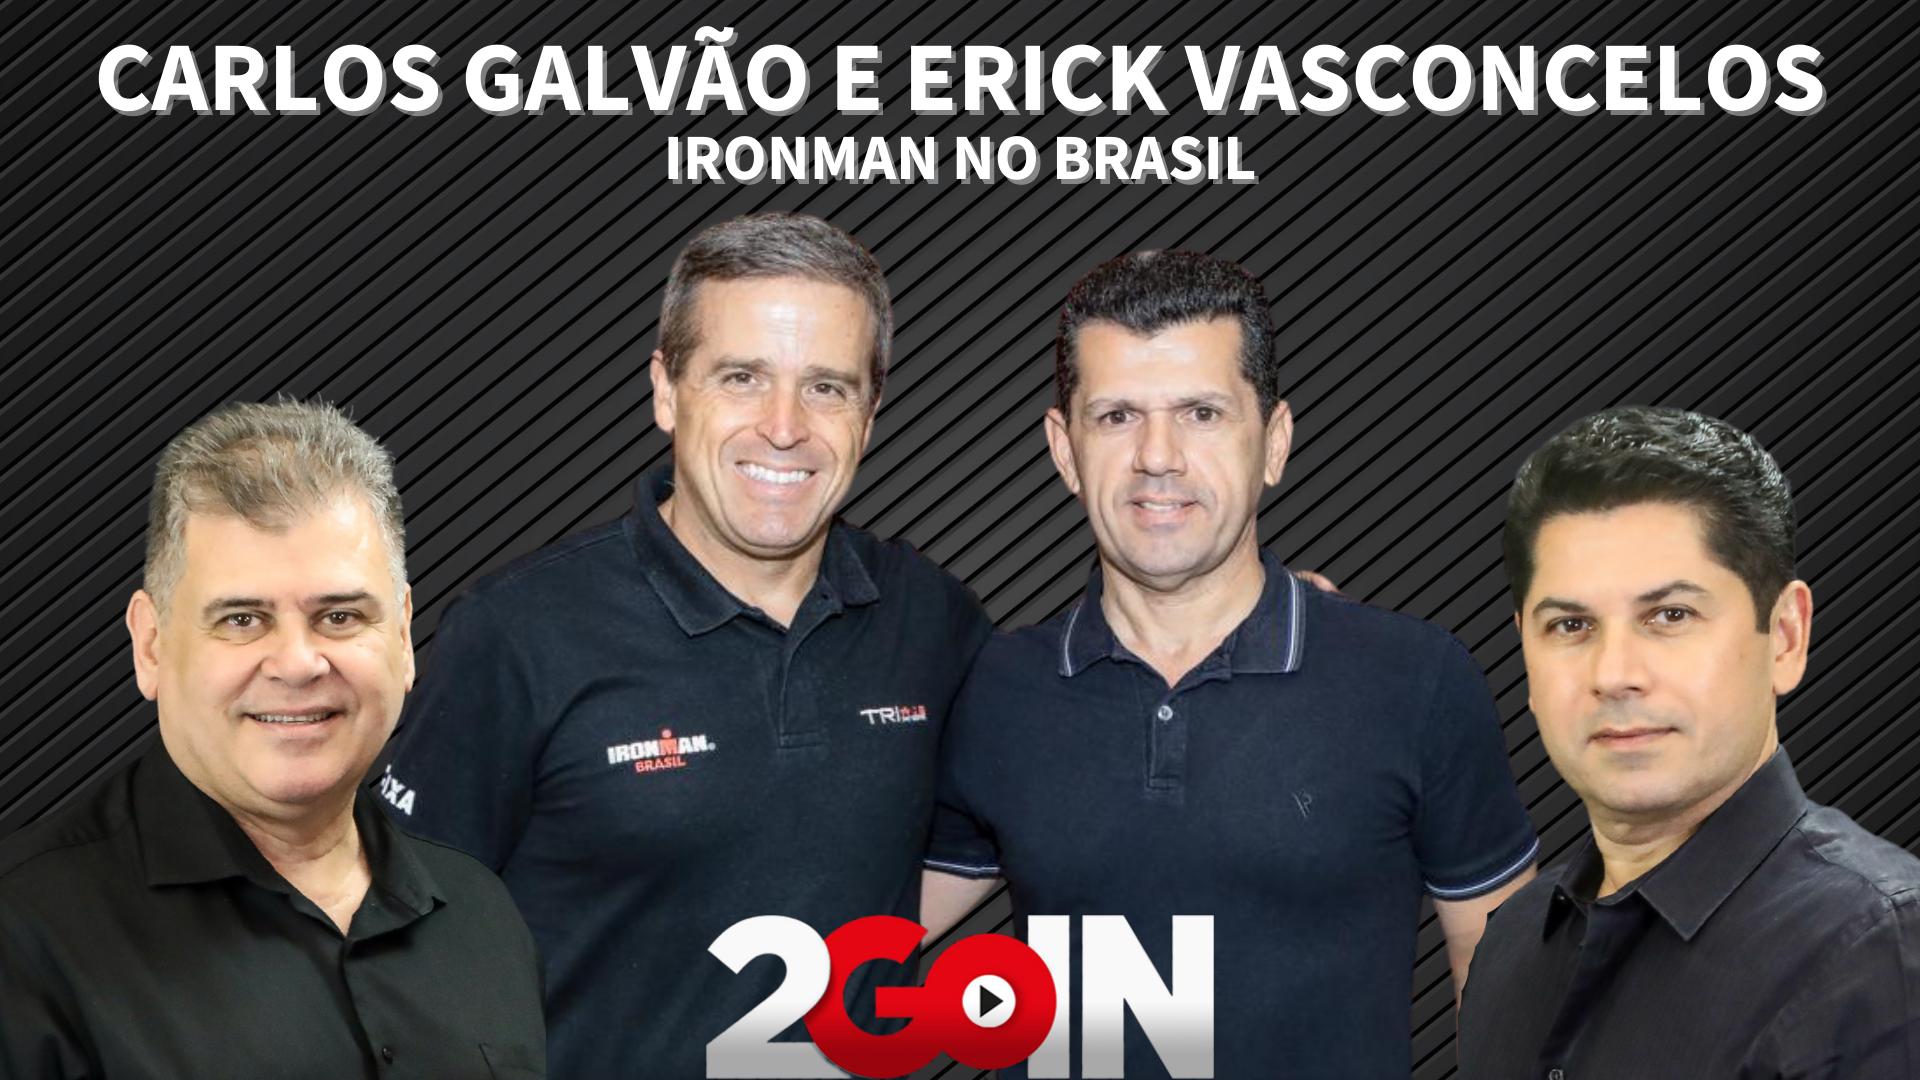 Carlos Galvão e Erick Vasconcelos falam de desafios e superação no Ironman